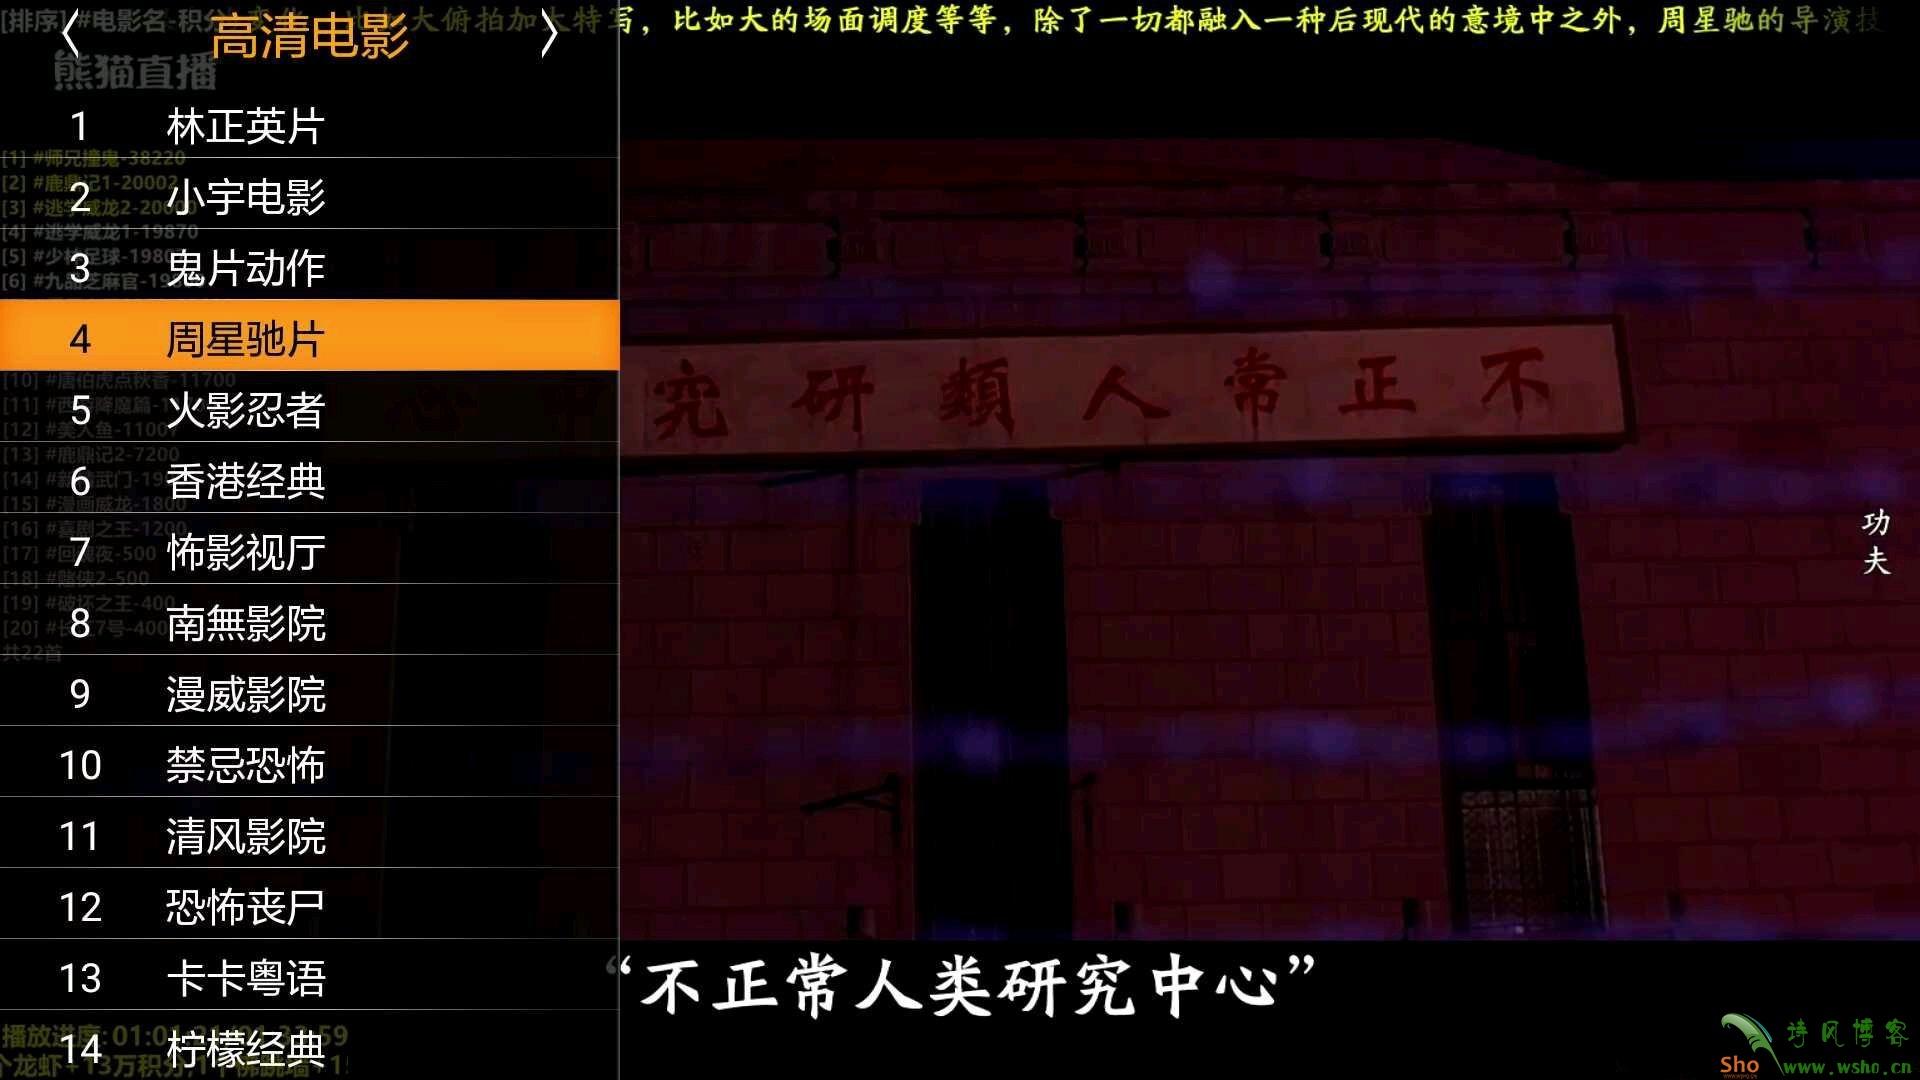 中国广电IPTV 电视版强势来袭